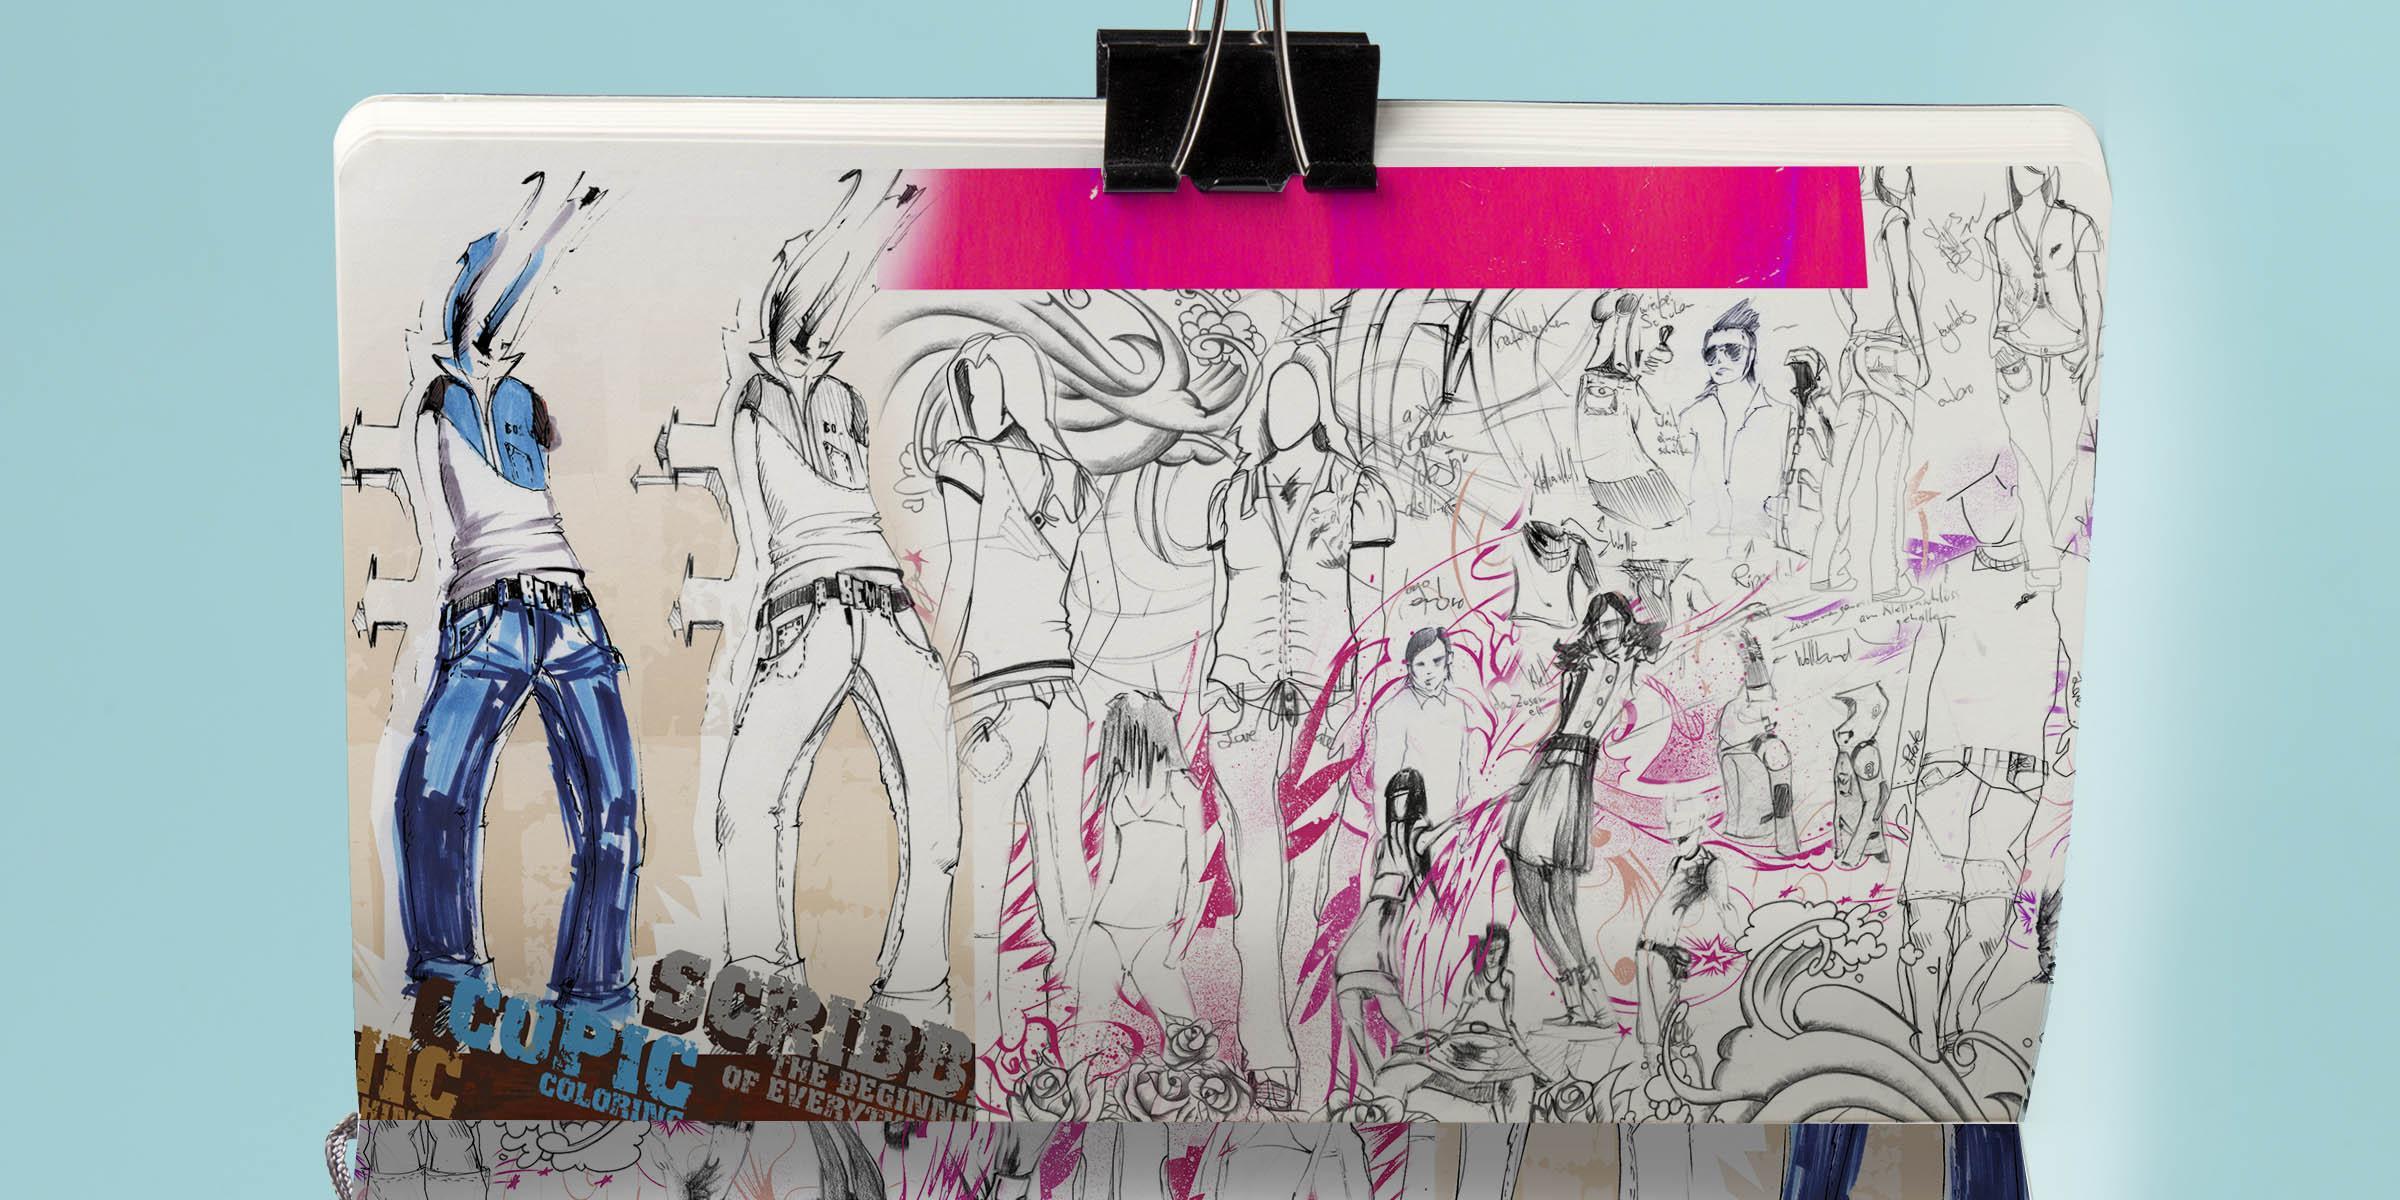 1 art artist street art illustrator gregor fenger art street acryl jakarta fair scribble graffiti